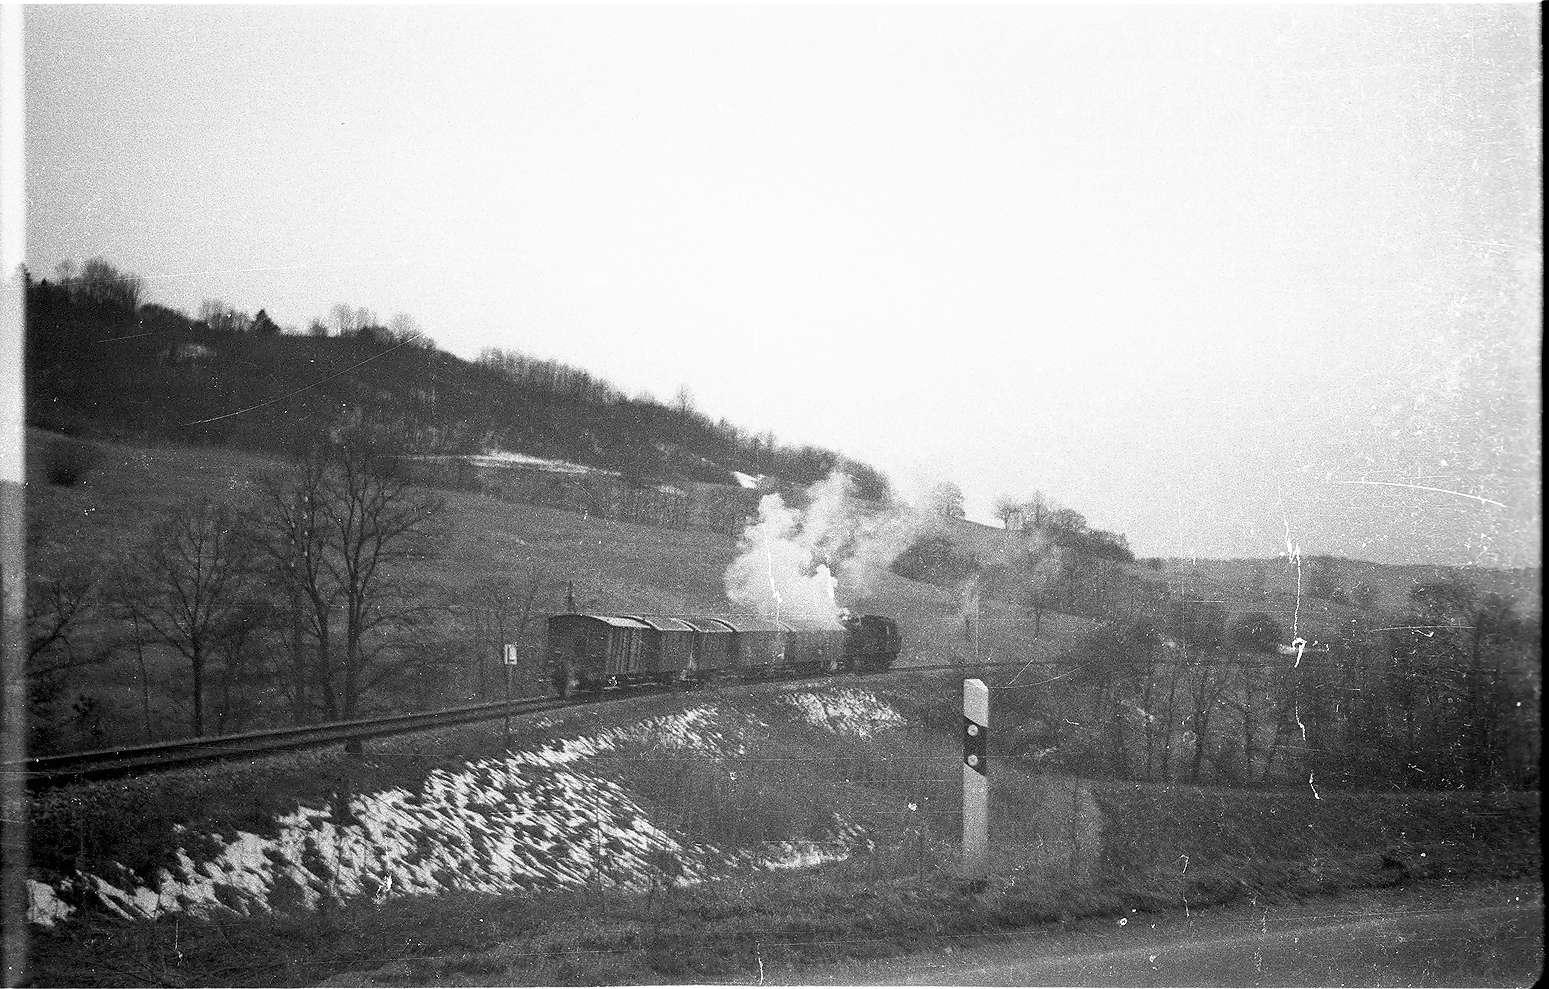 Lok 15, Bundesstraße 32 bei Killer, um 1990 wurde das Gelände im Vordergrund verändert durch den Bau einer Kläranlage, Bild 1